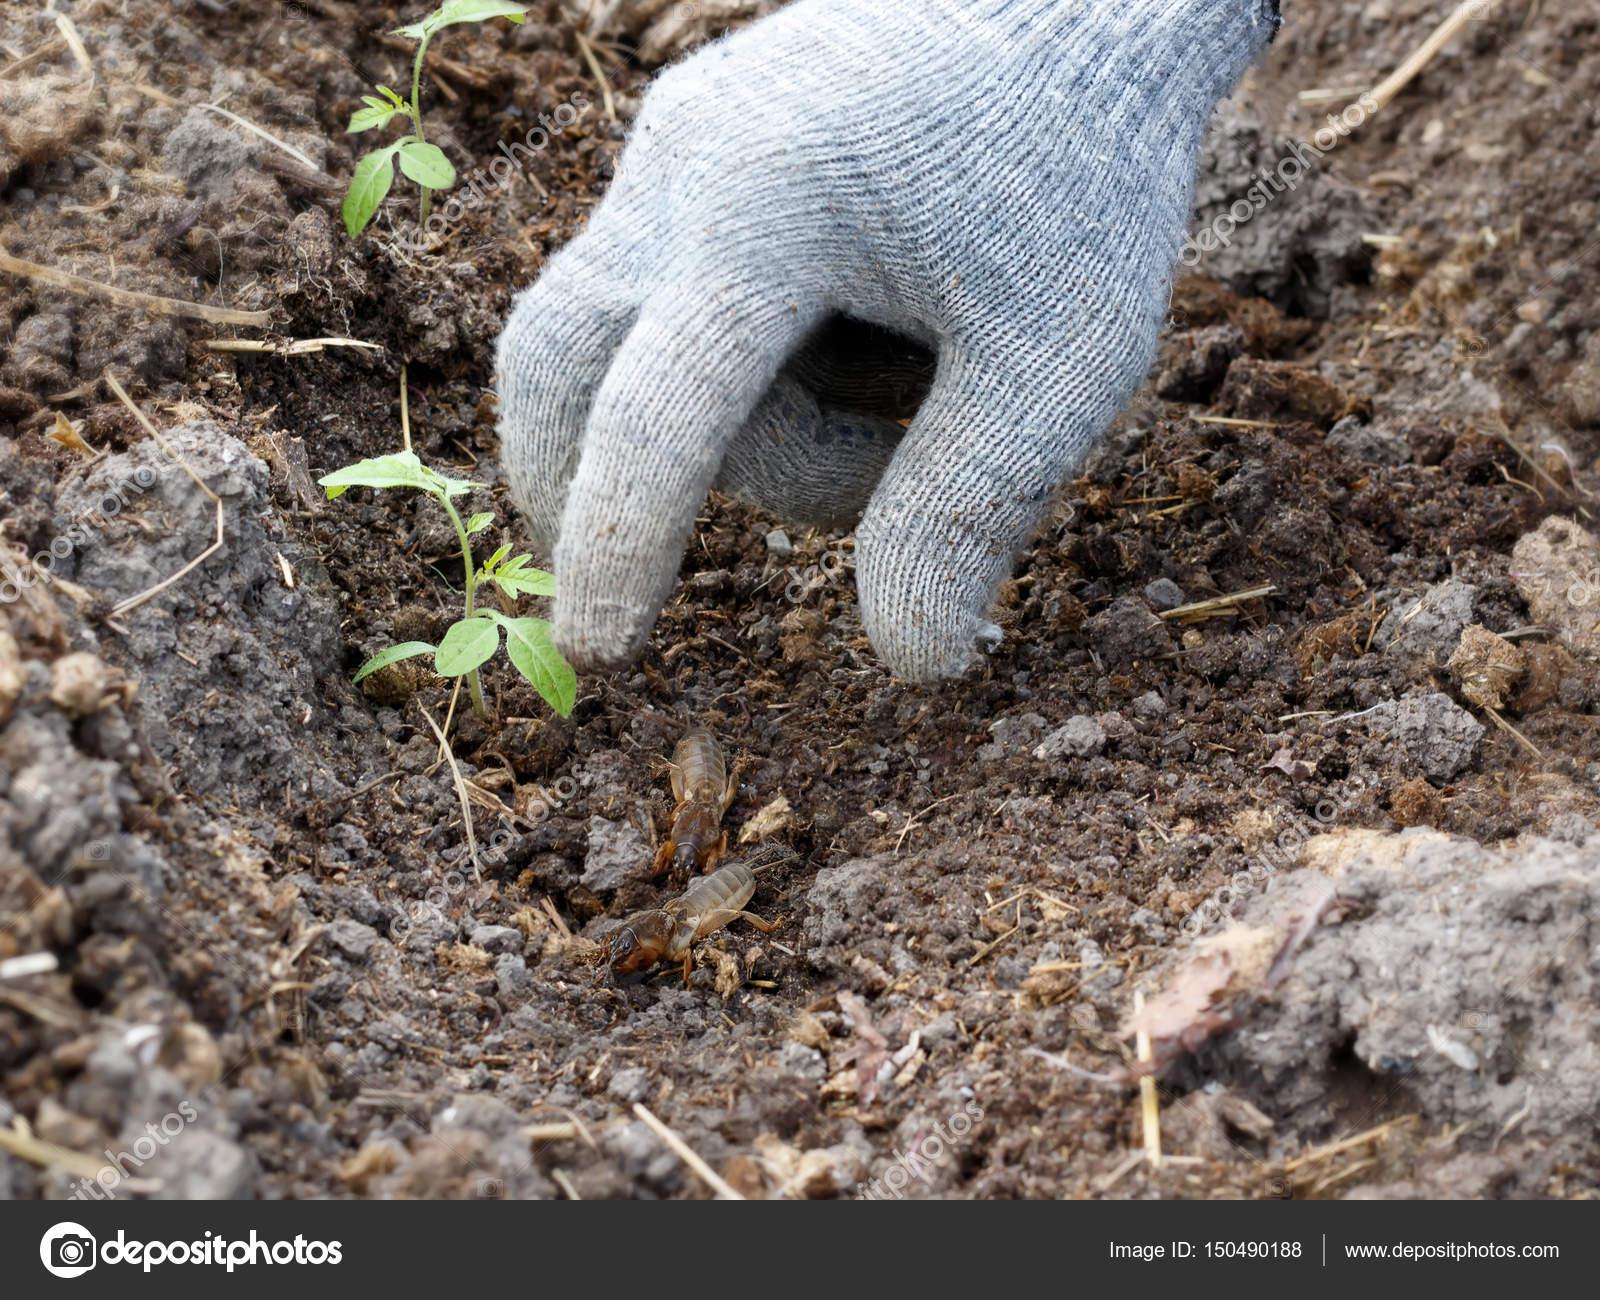 Una mano guantata intercetta i grilli talpa in giardino quando